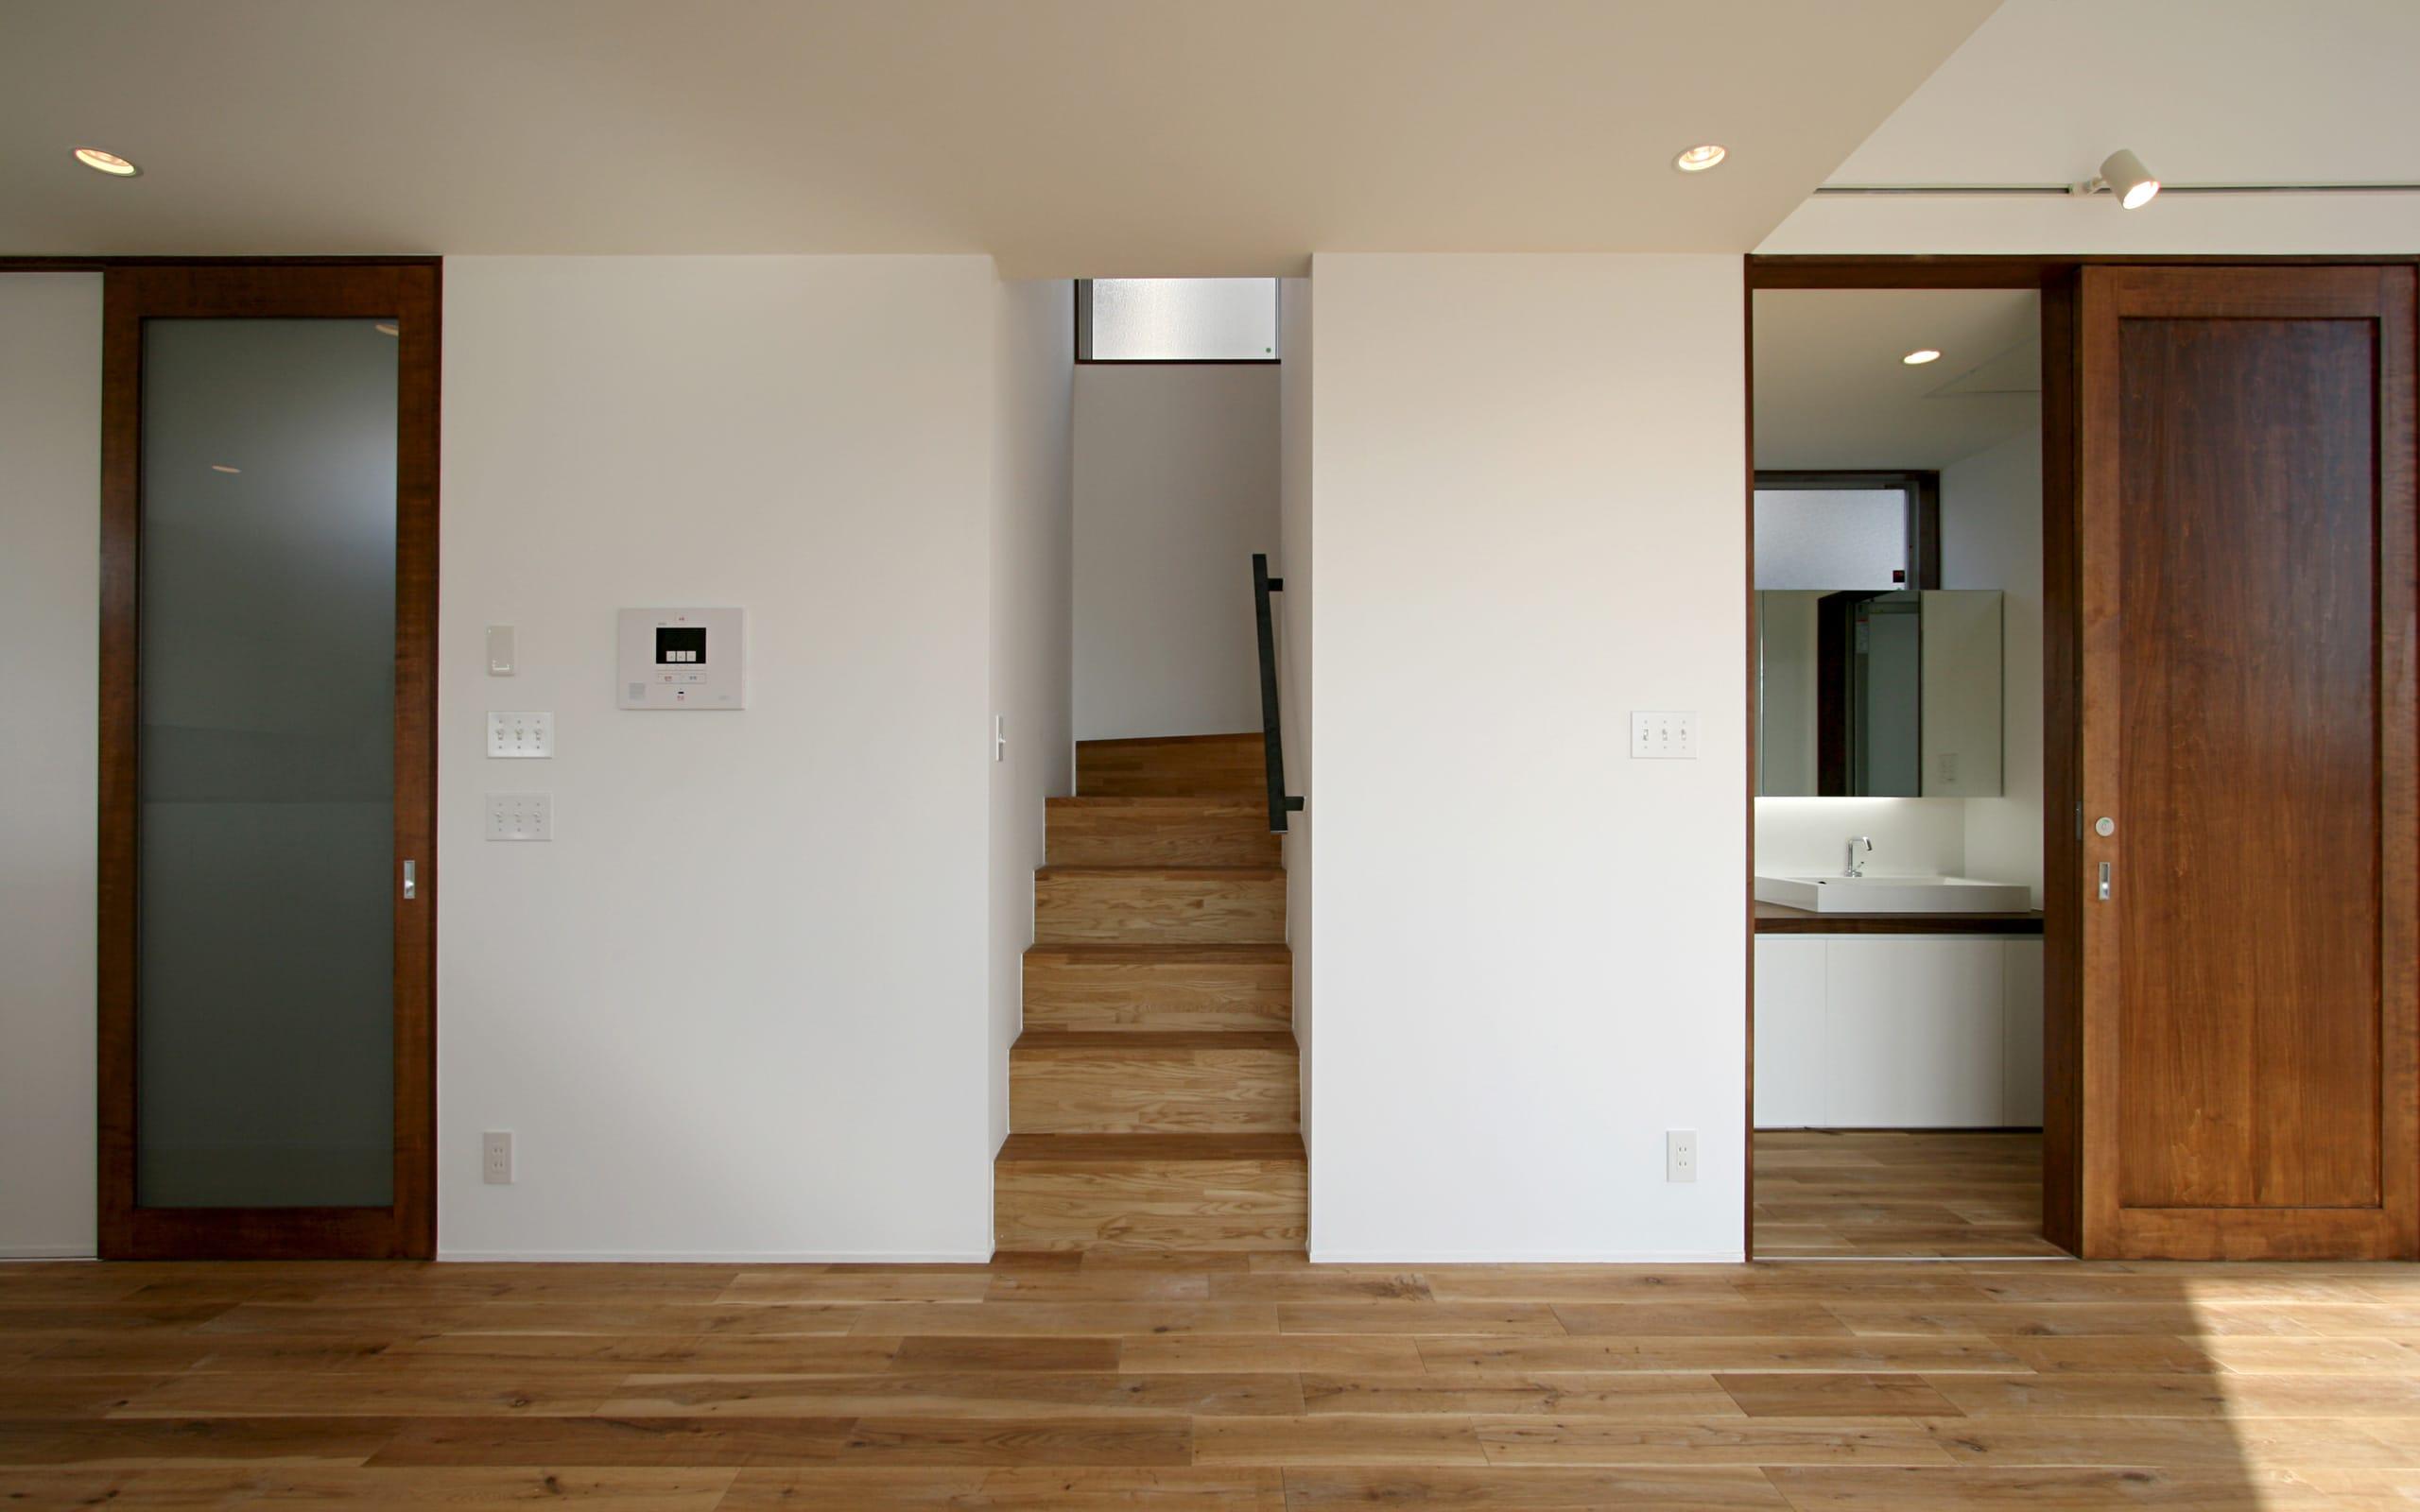 大きな窓から青空の見える家の階段(木製)1